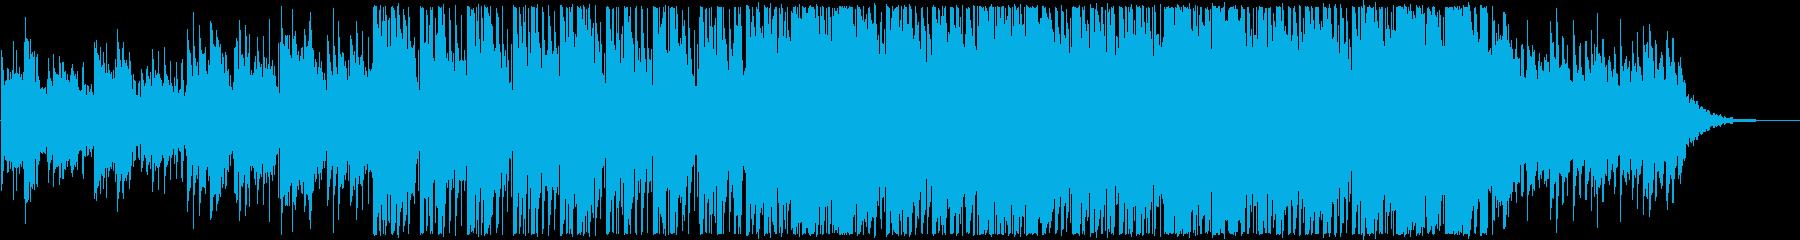 アコースティックギターとピアノをメインにの再生済みの波形